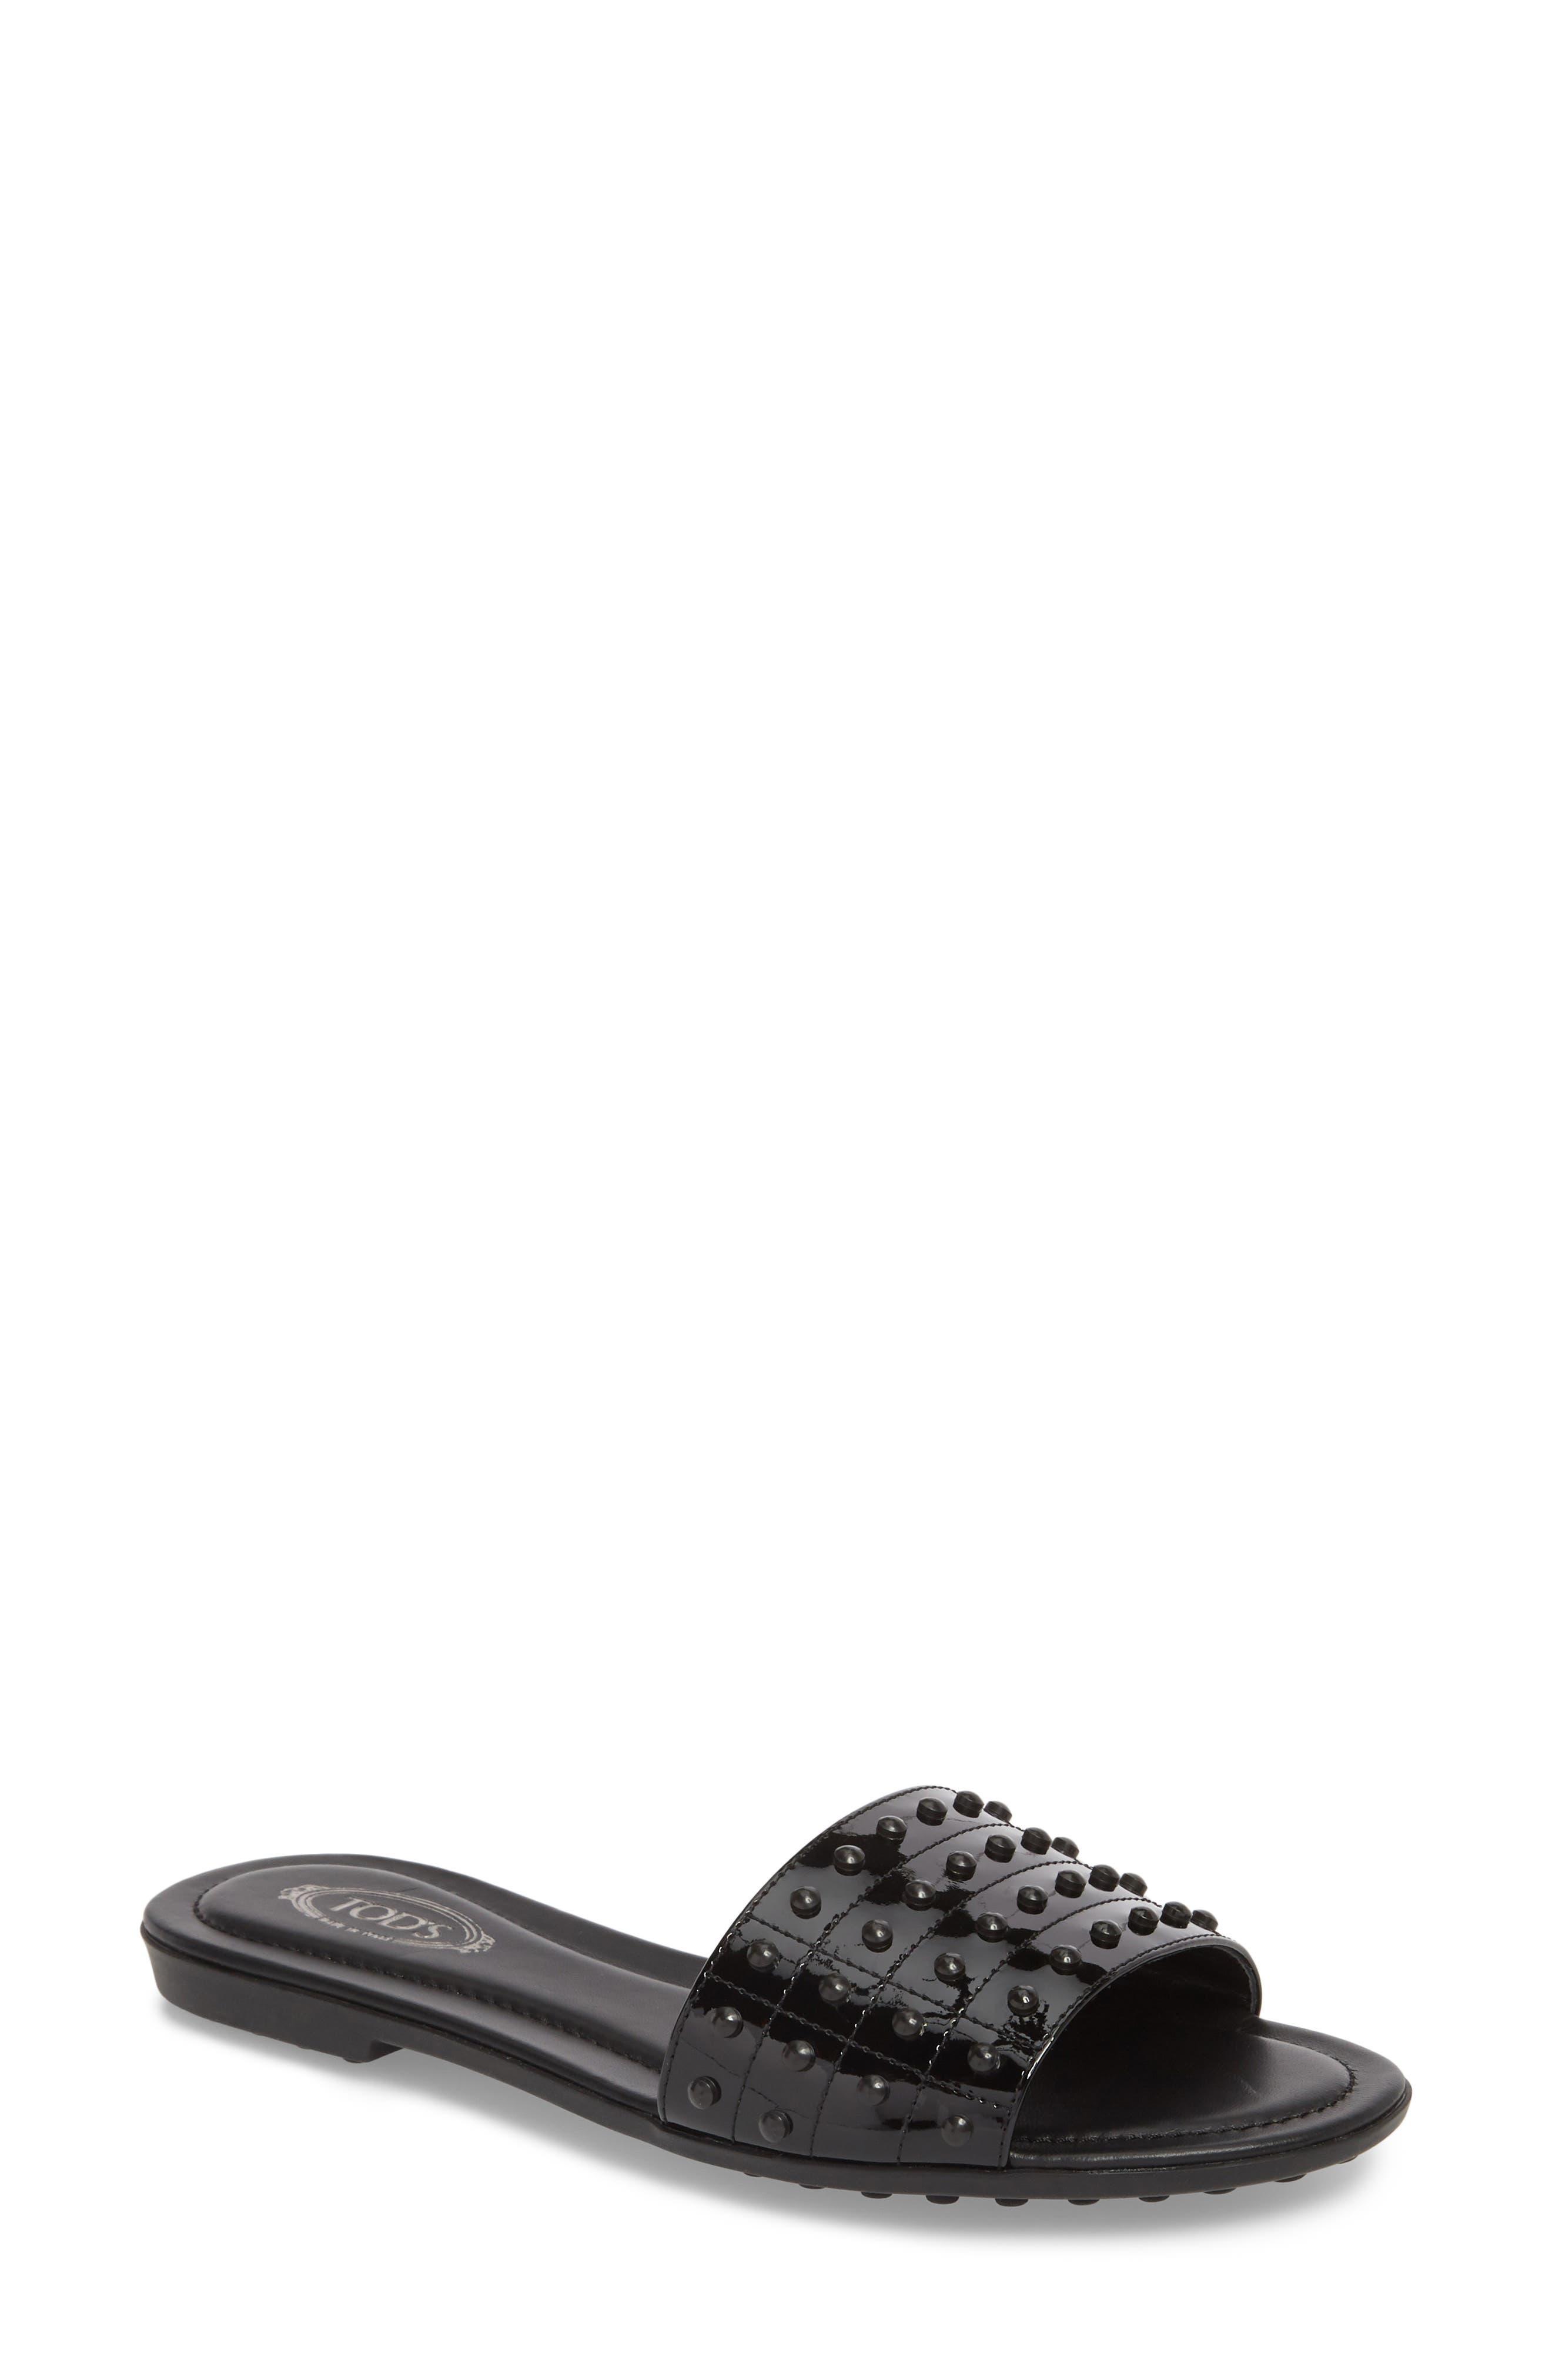 Gommini Slide Sandal,                         Main,                         color, 001